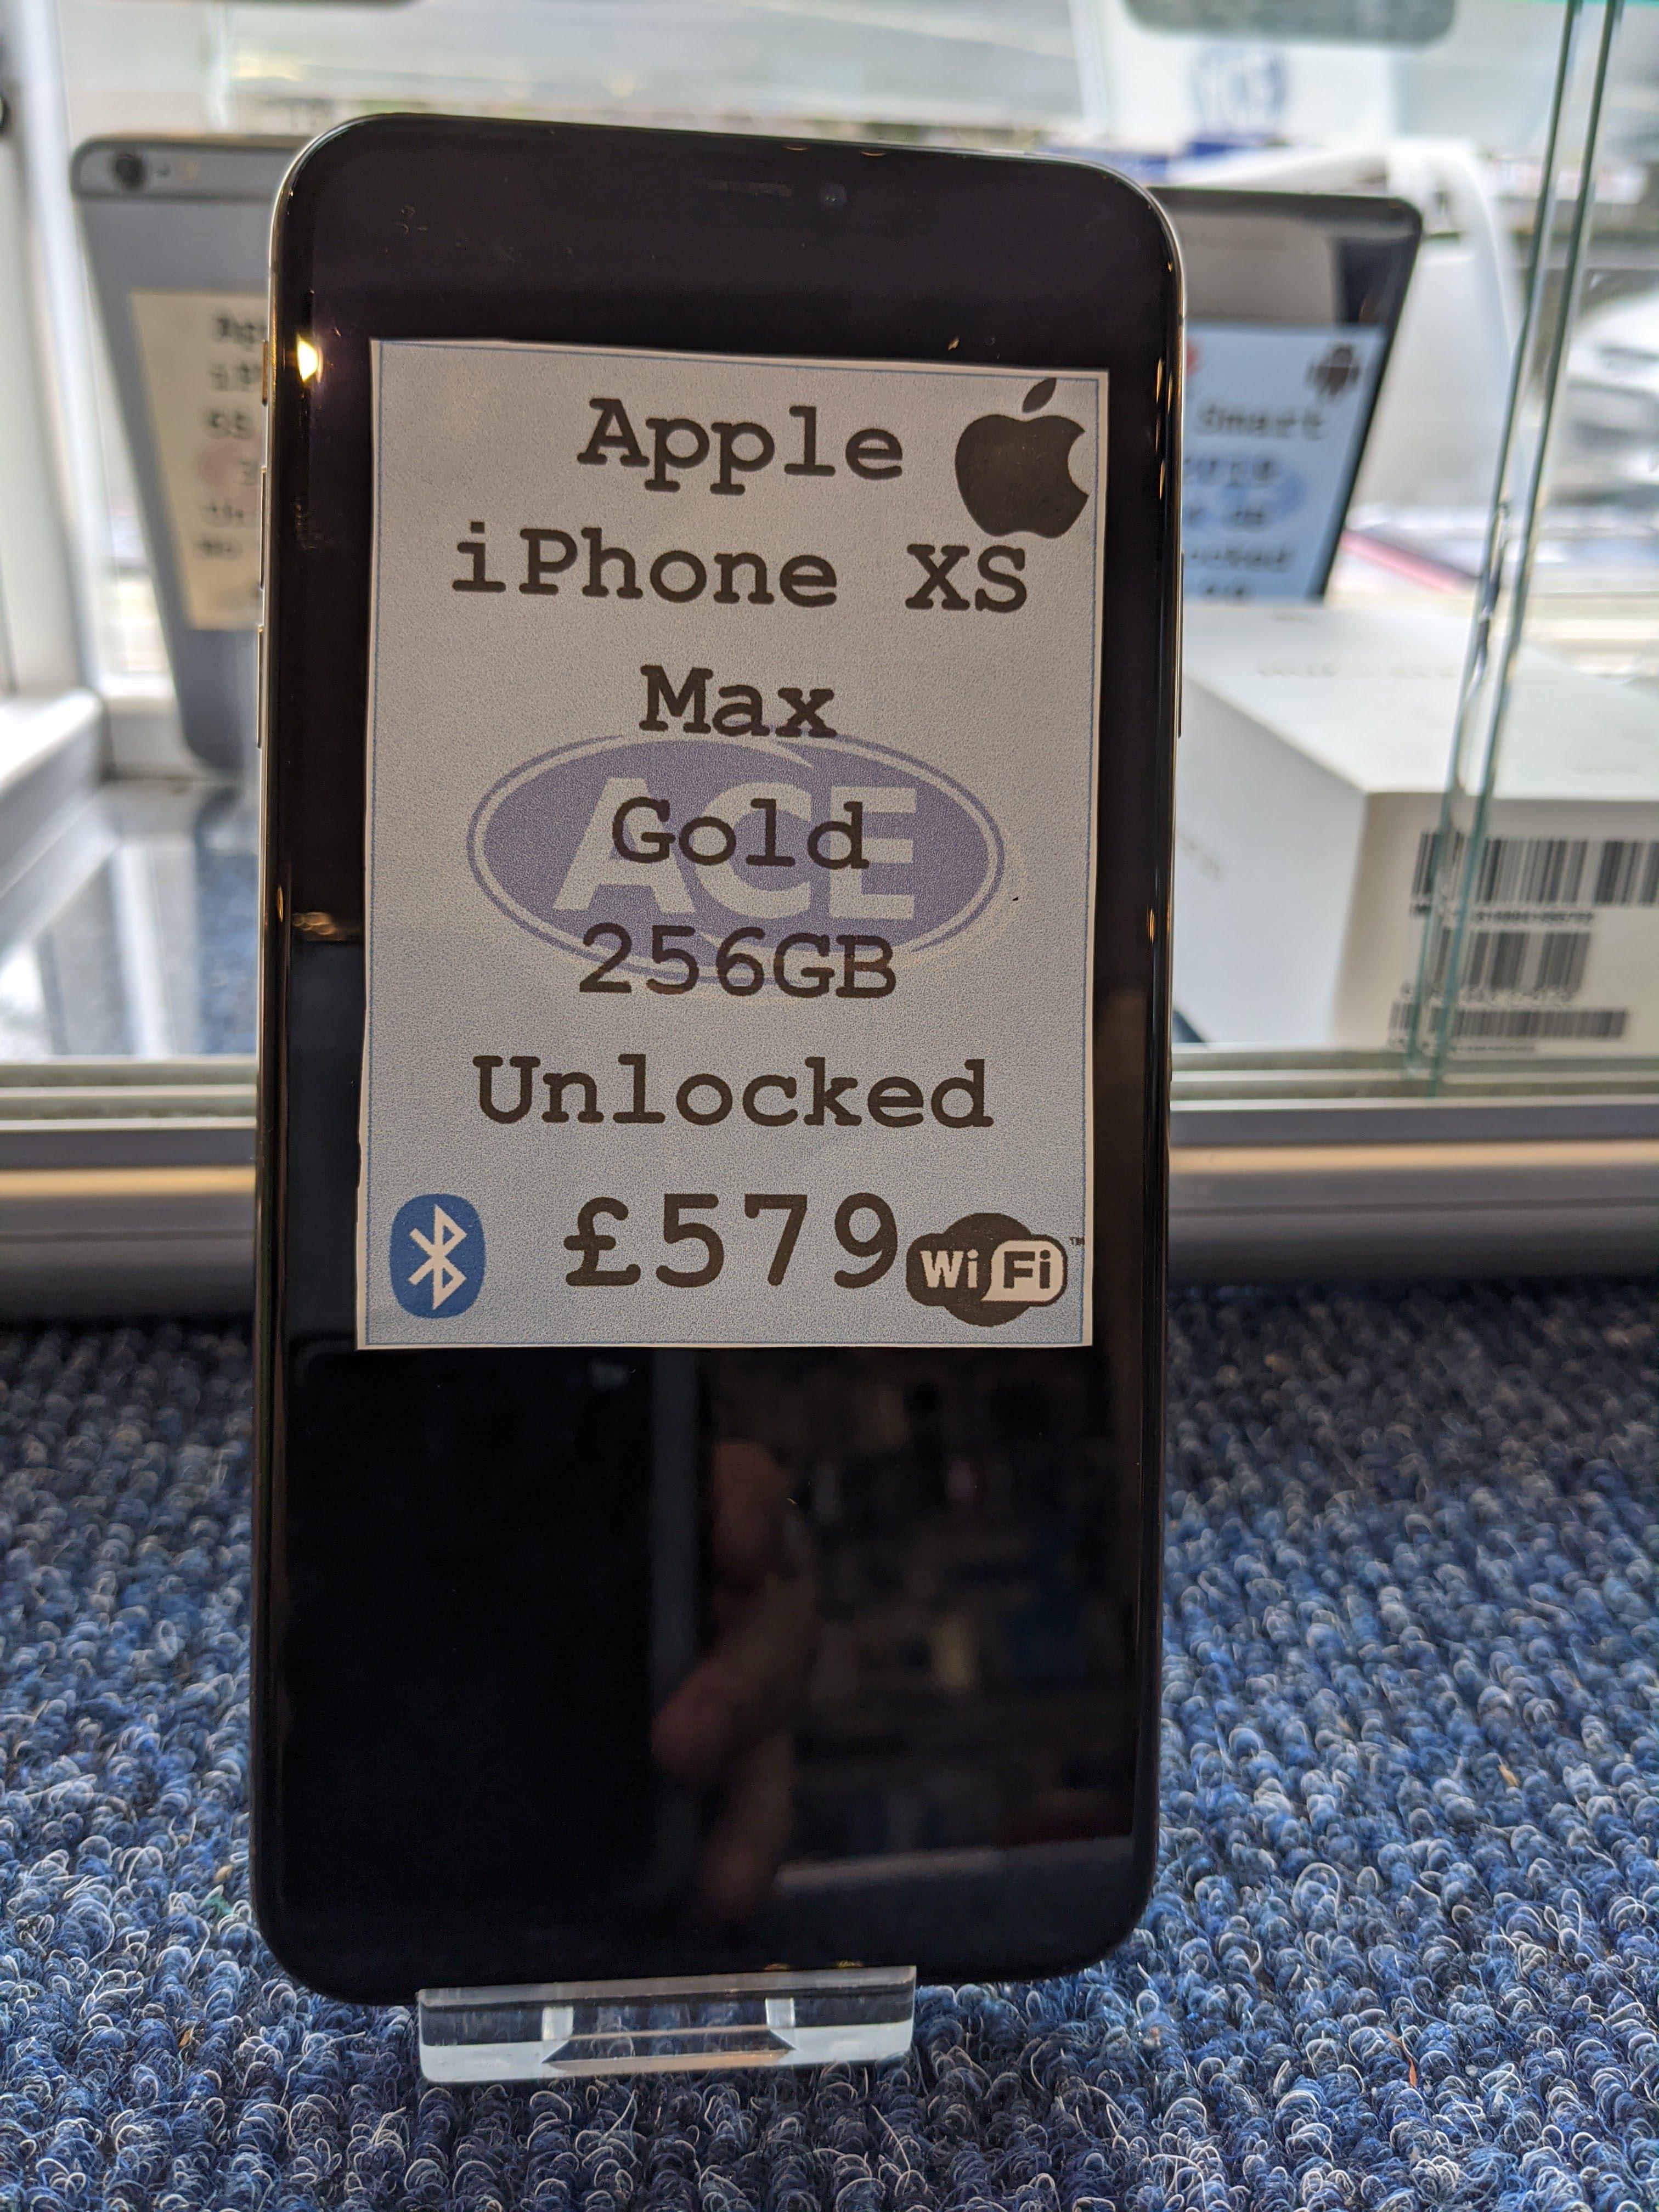 iPhone XS Max £549